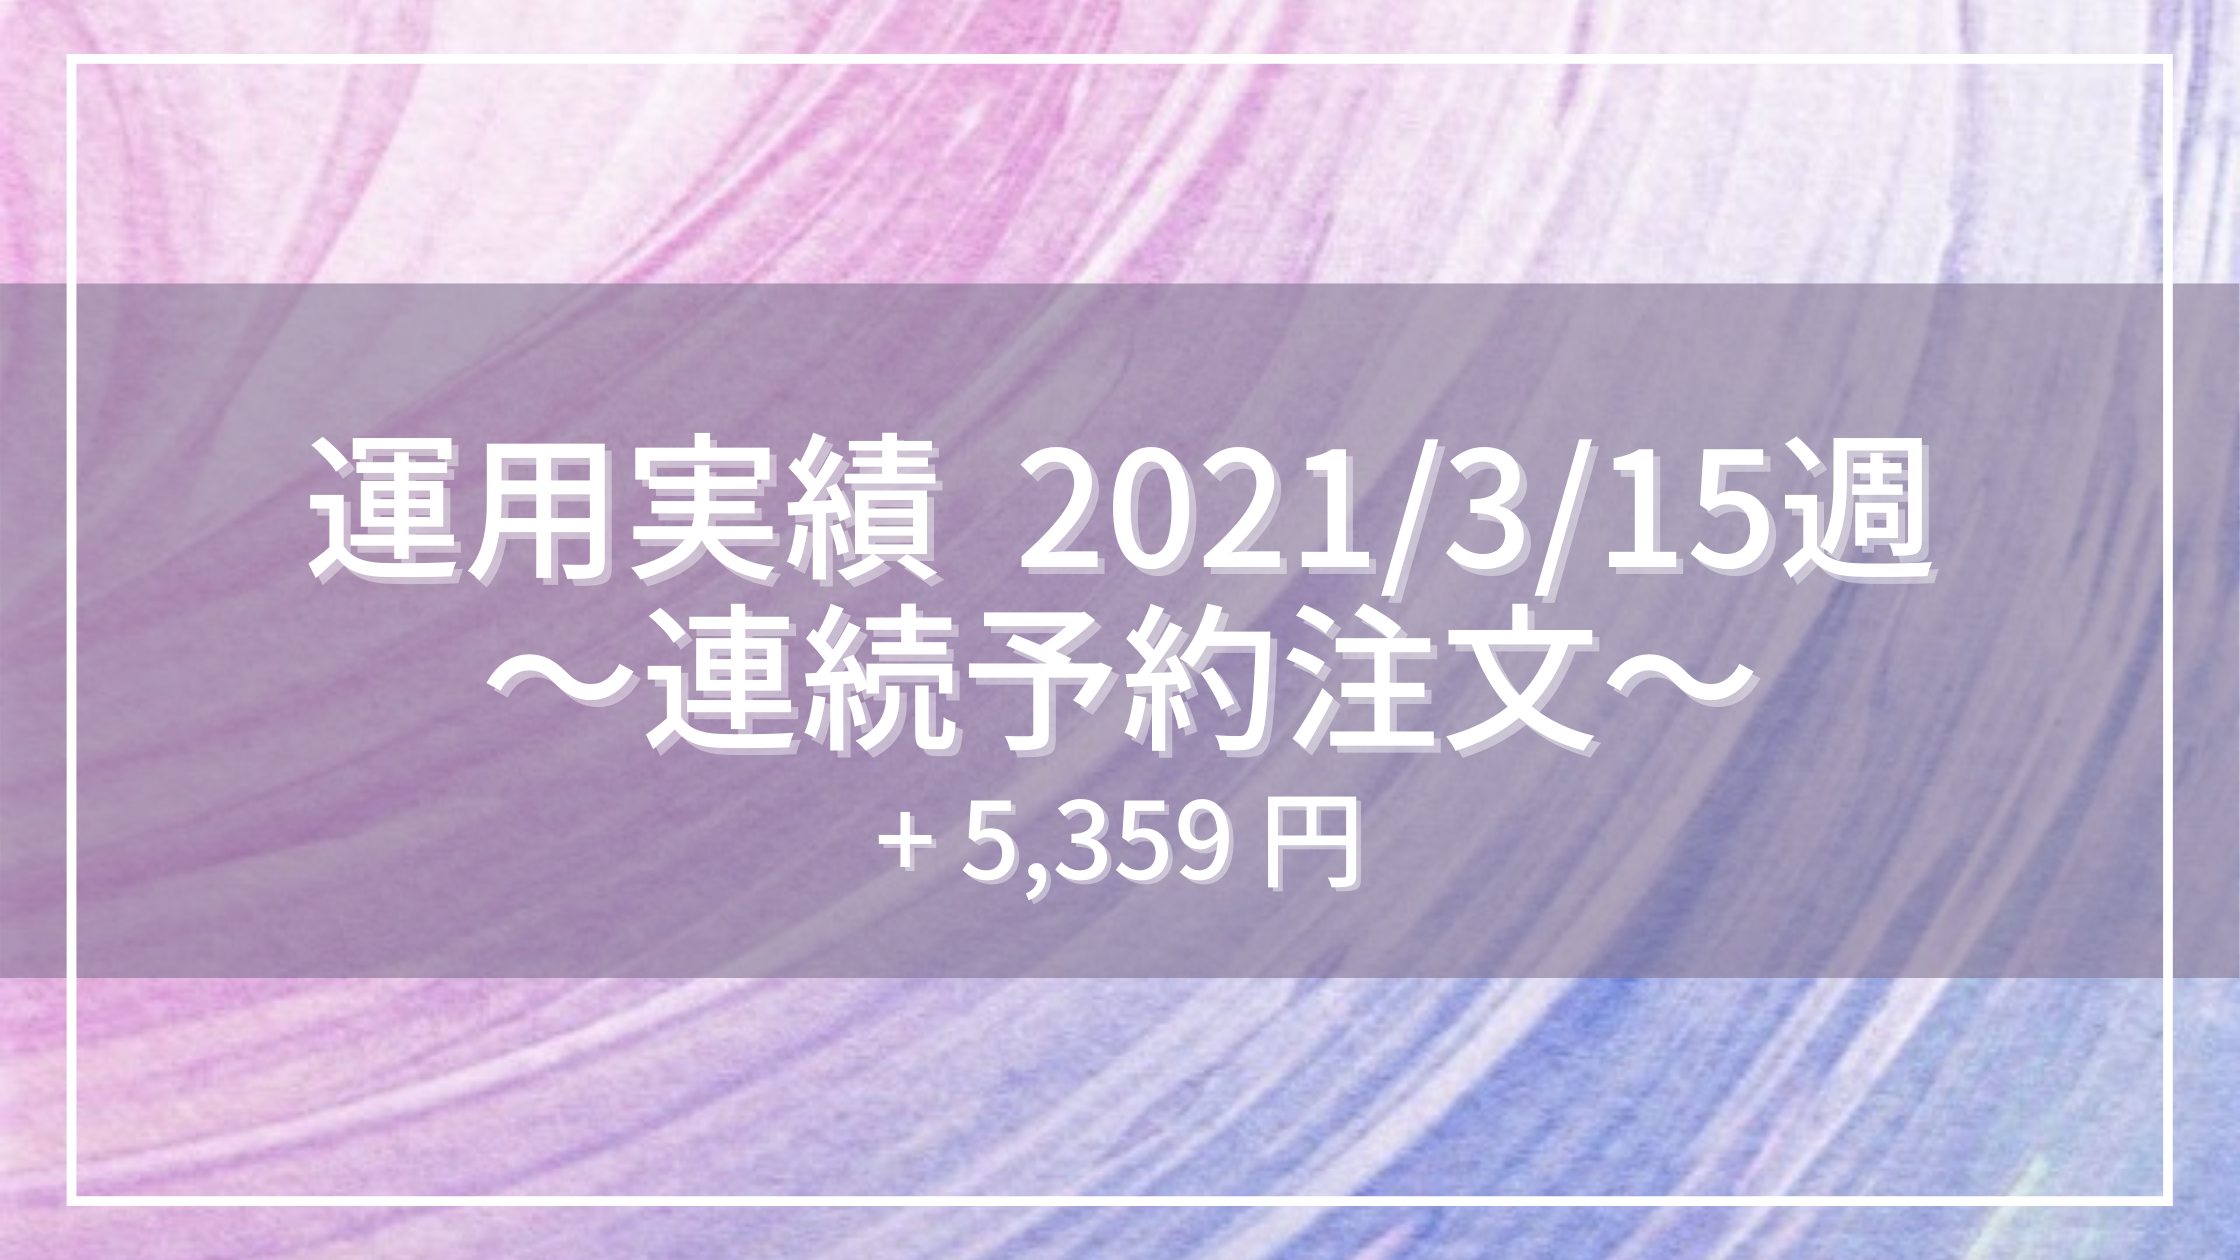 20210315_運用実績_連続予約注文